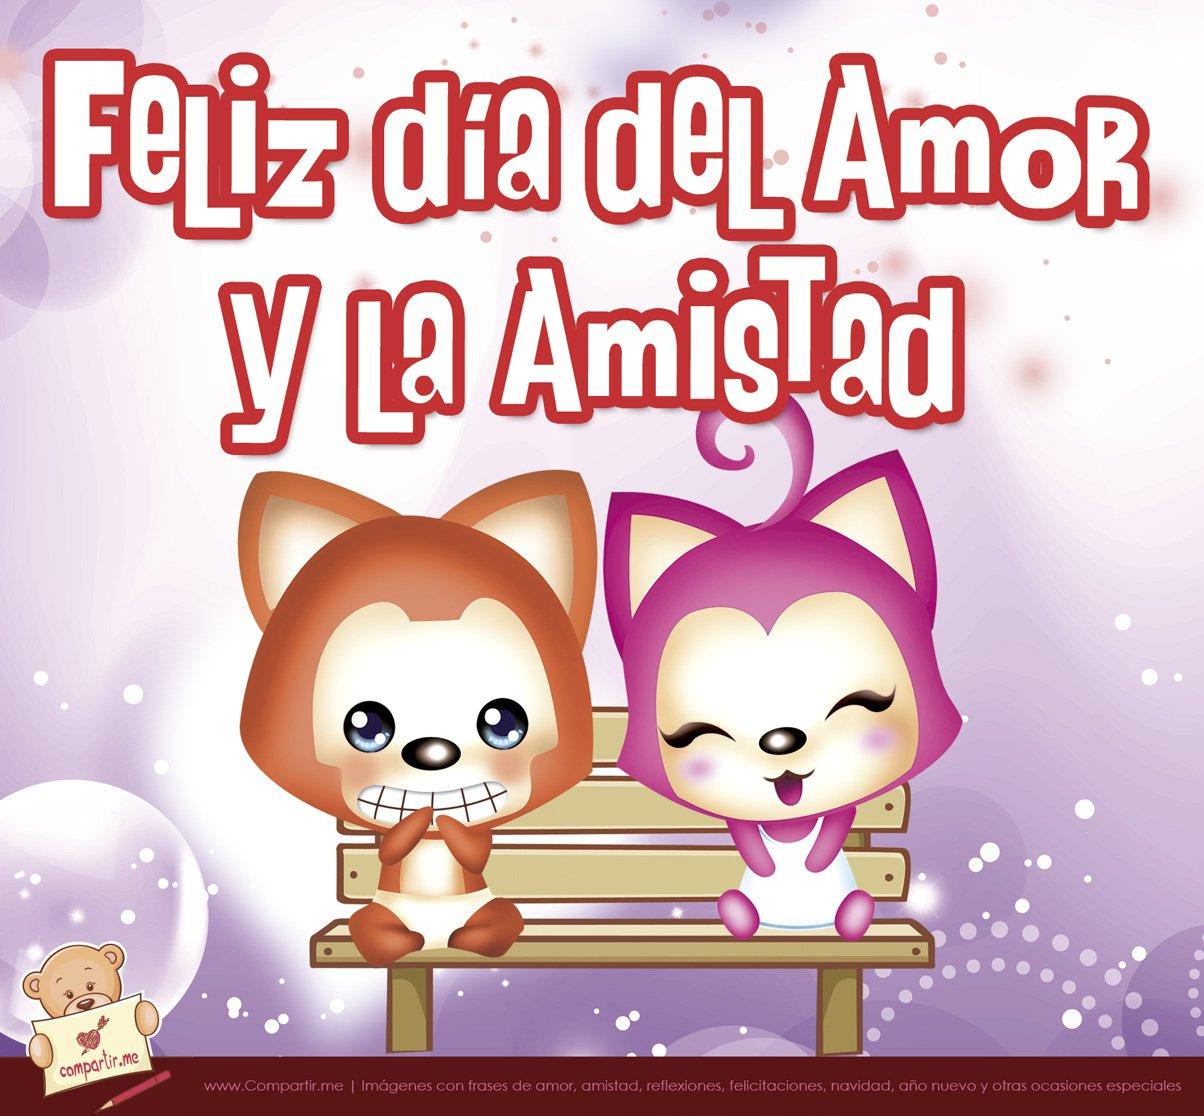 mascotas-bonitas-dia-del-amor-y-la-amistad